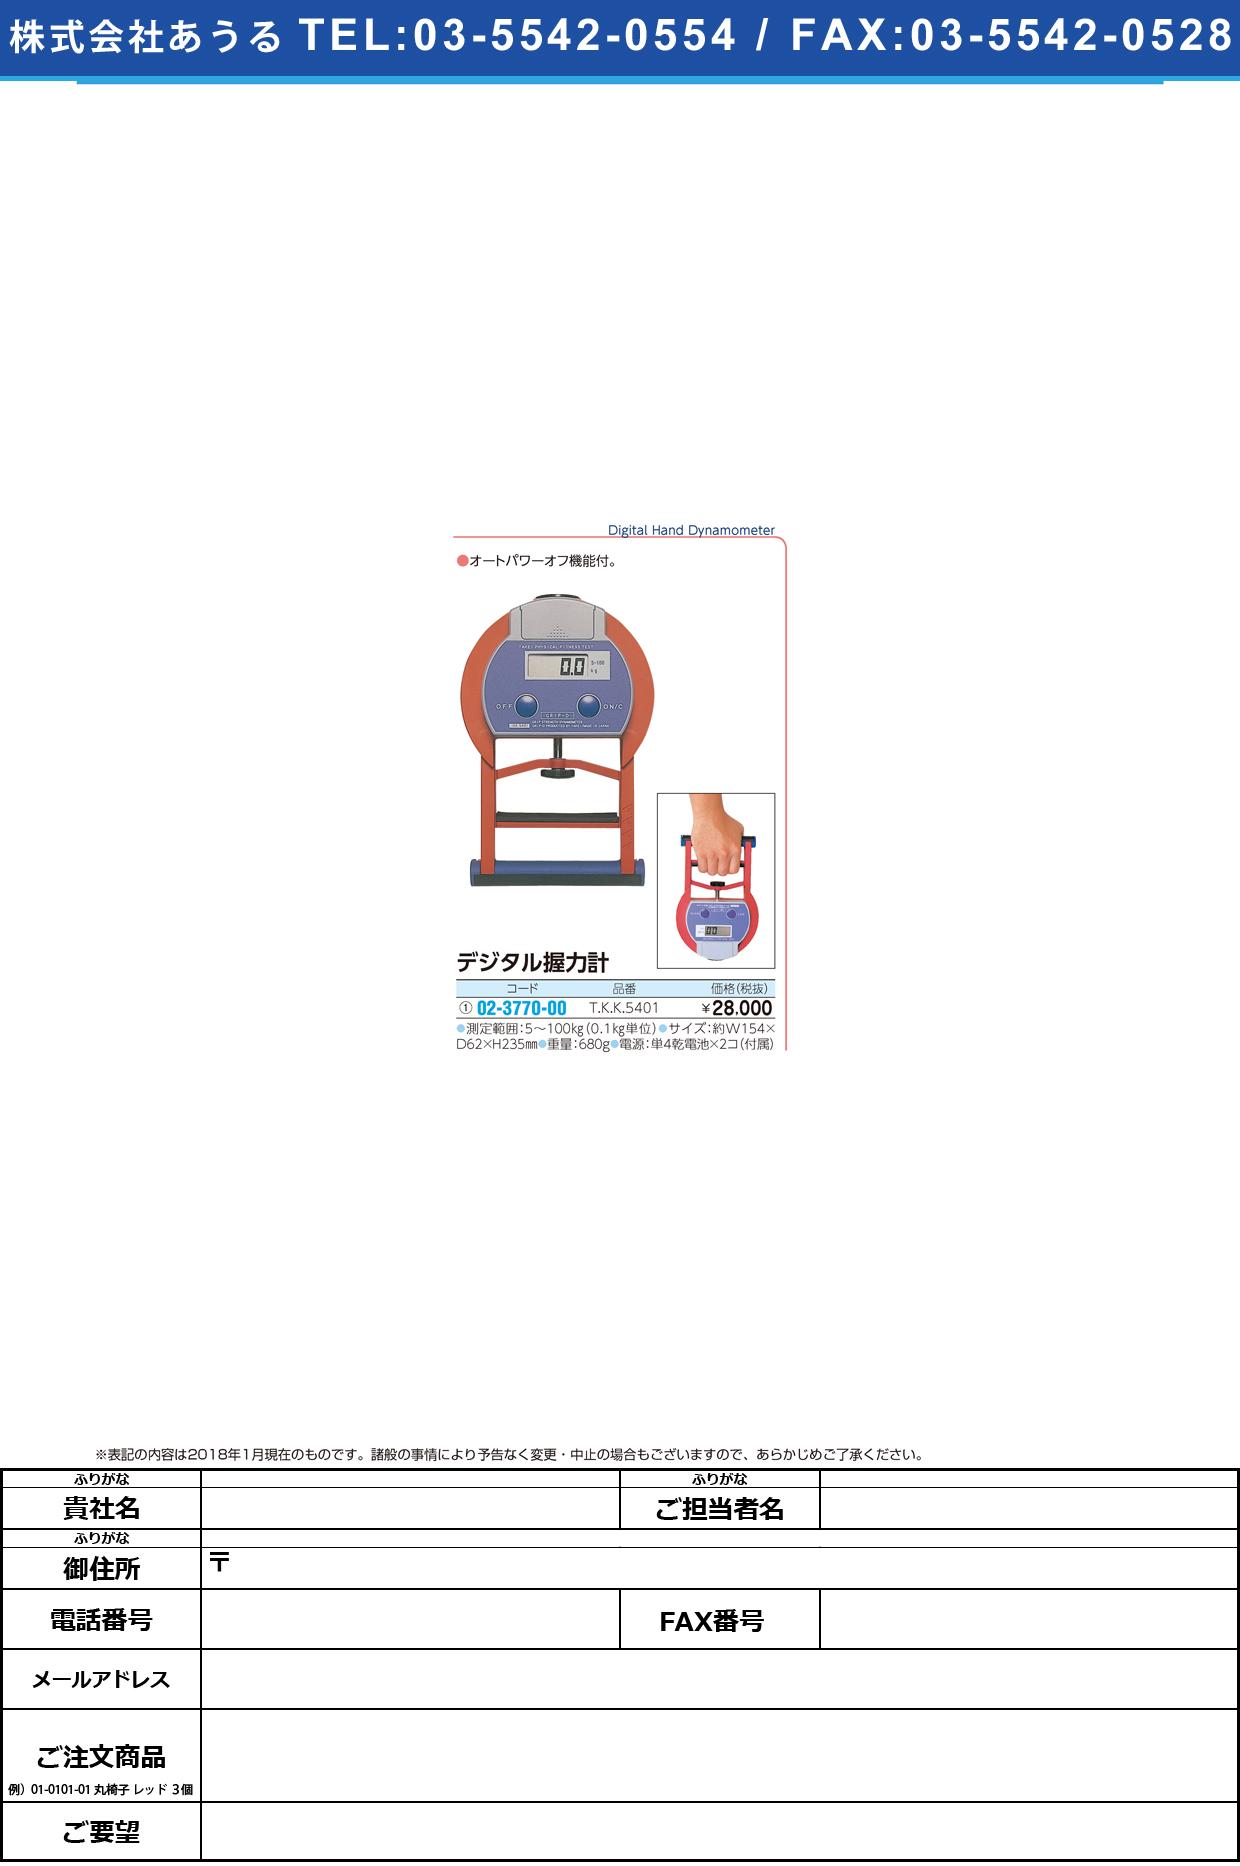 (02-3770-00)デジタル握力計(グリップD) TKK-5401 デジタルアクリョクケイ(竹井機器工業)【1台単位】【2018年カタログ商品】